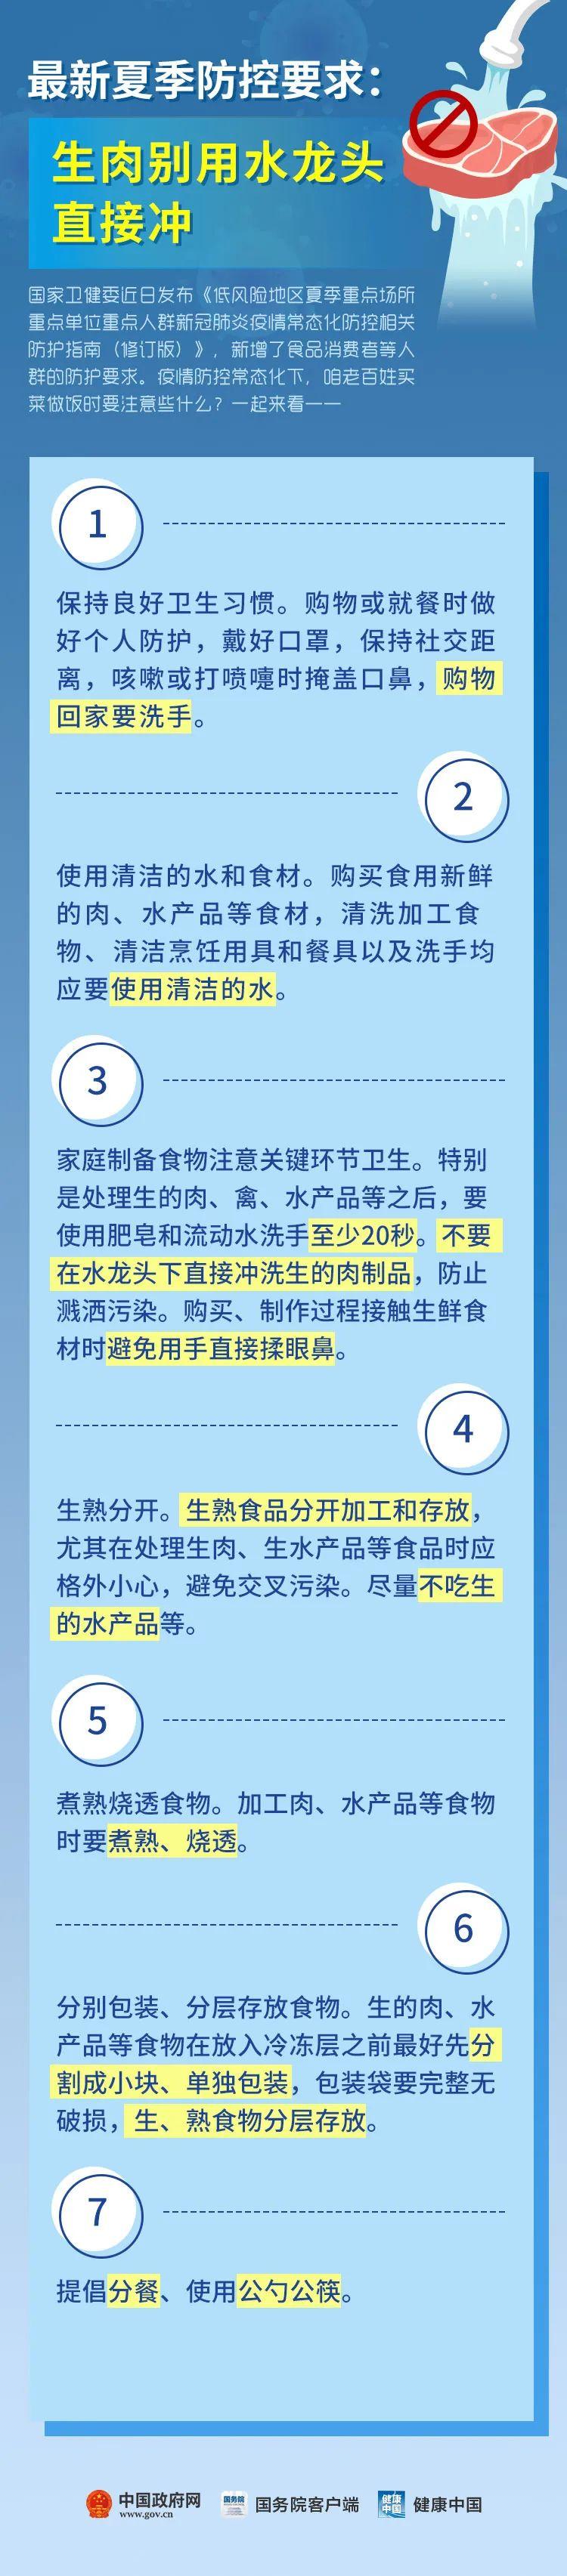 「摩天开户」健委发布最新夏季防控指南这7点摩天开户图片